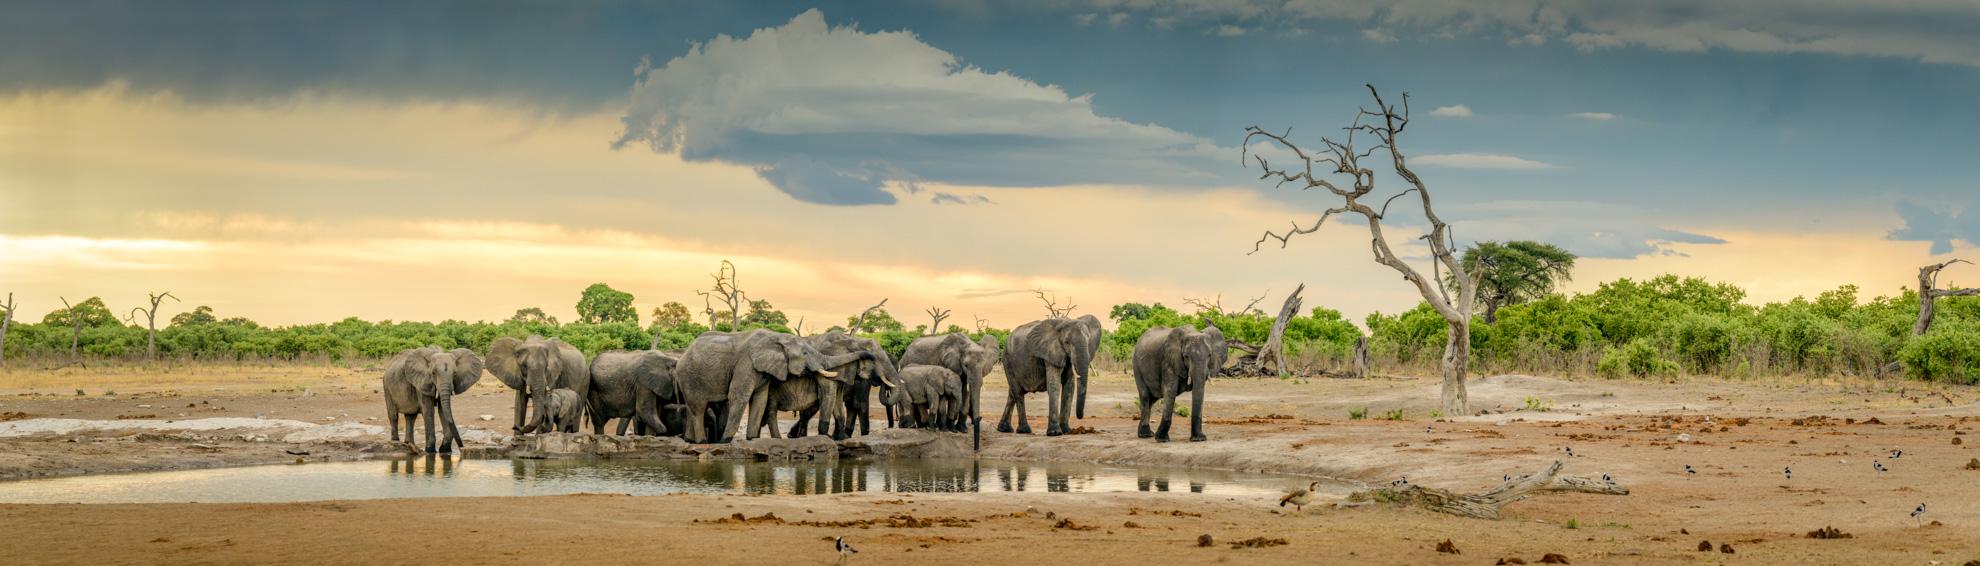 Wildlife Stitched panoramic image of elephants at sunset